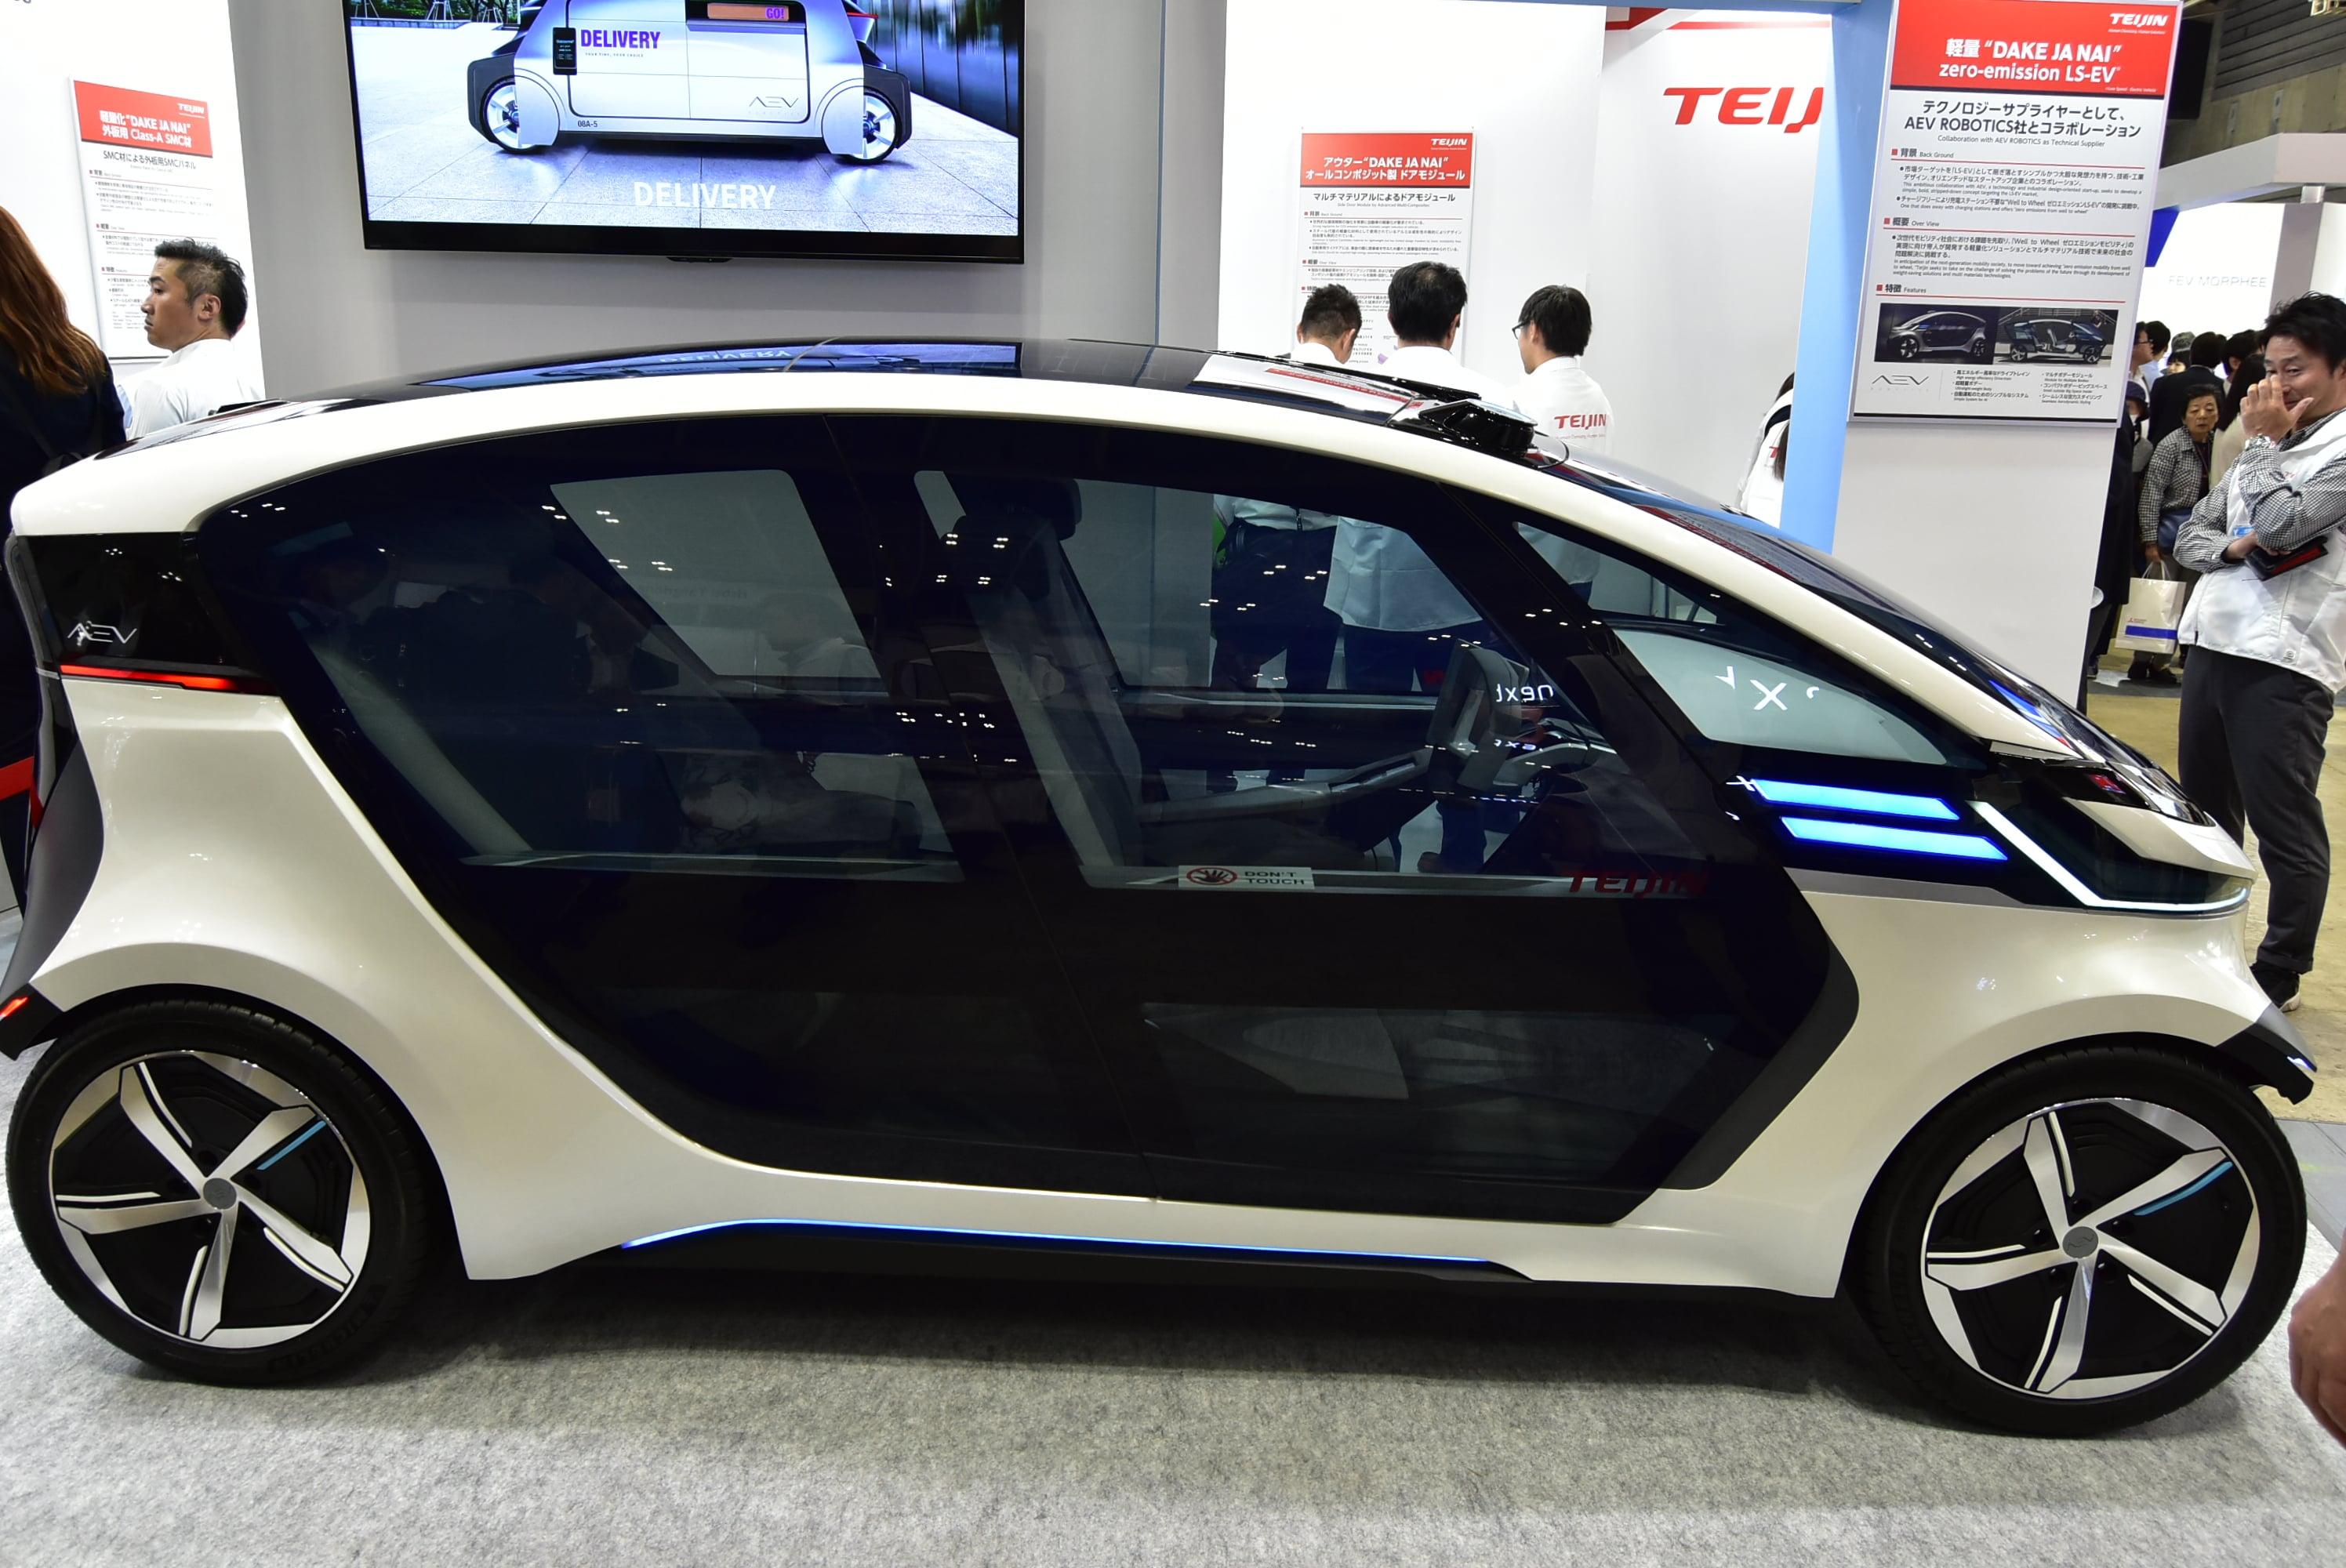 速報取材レポート「自動車技術展:人とくるまのテクノロジー展2019 横浜」見どころをいち早くお届けします